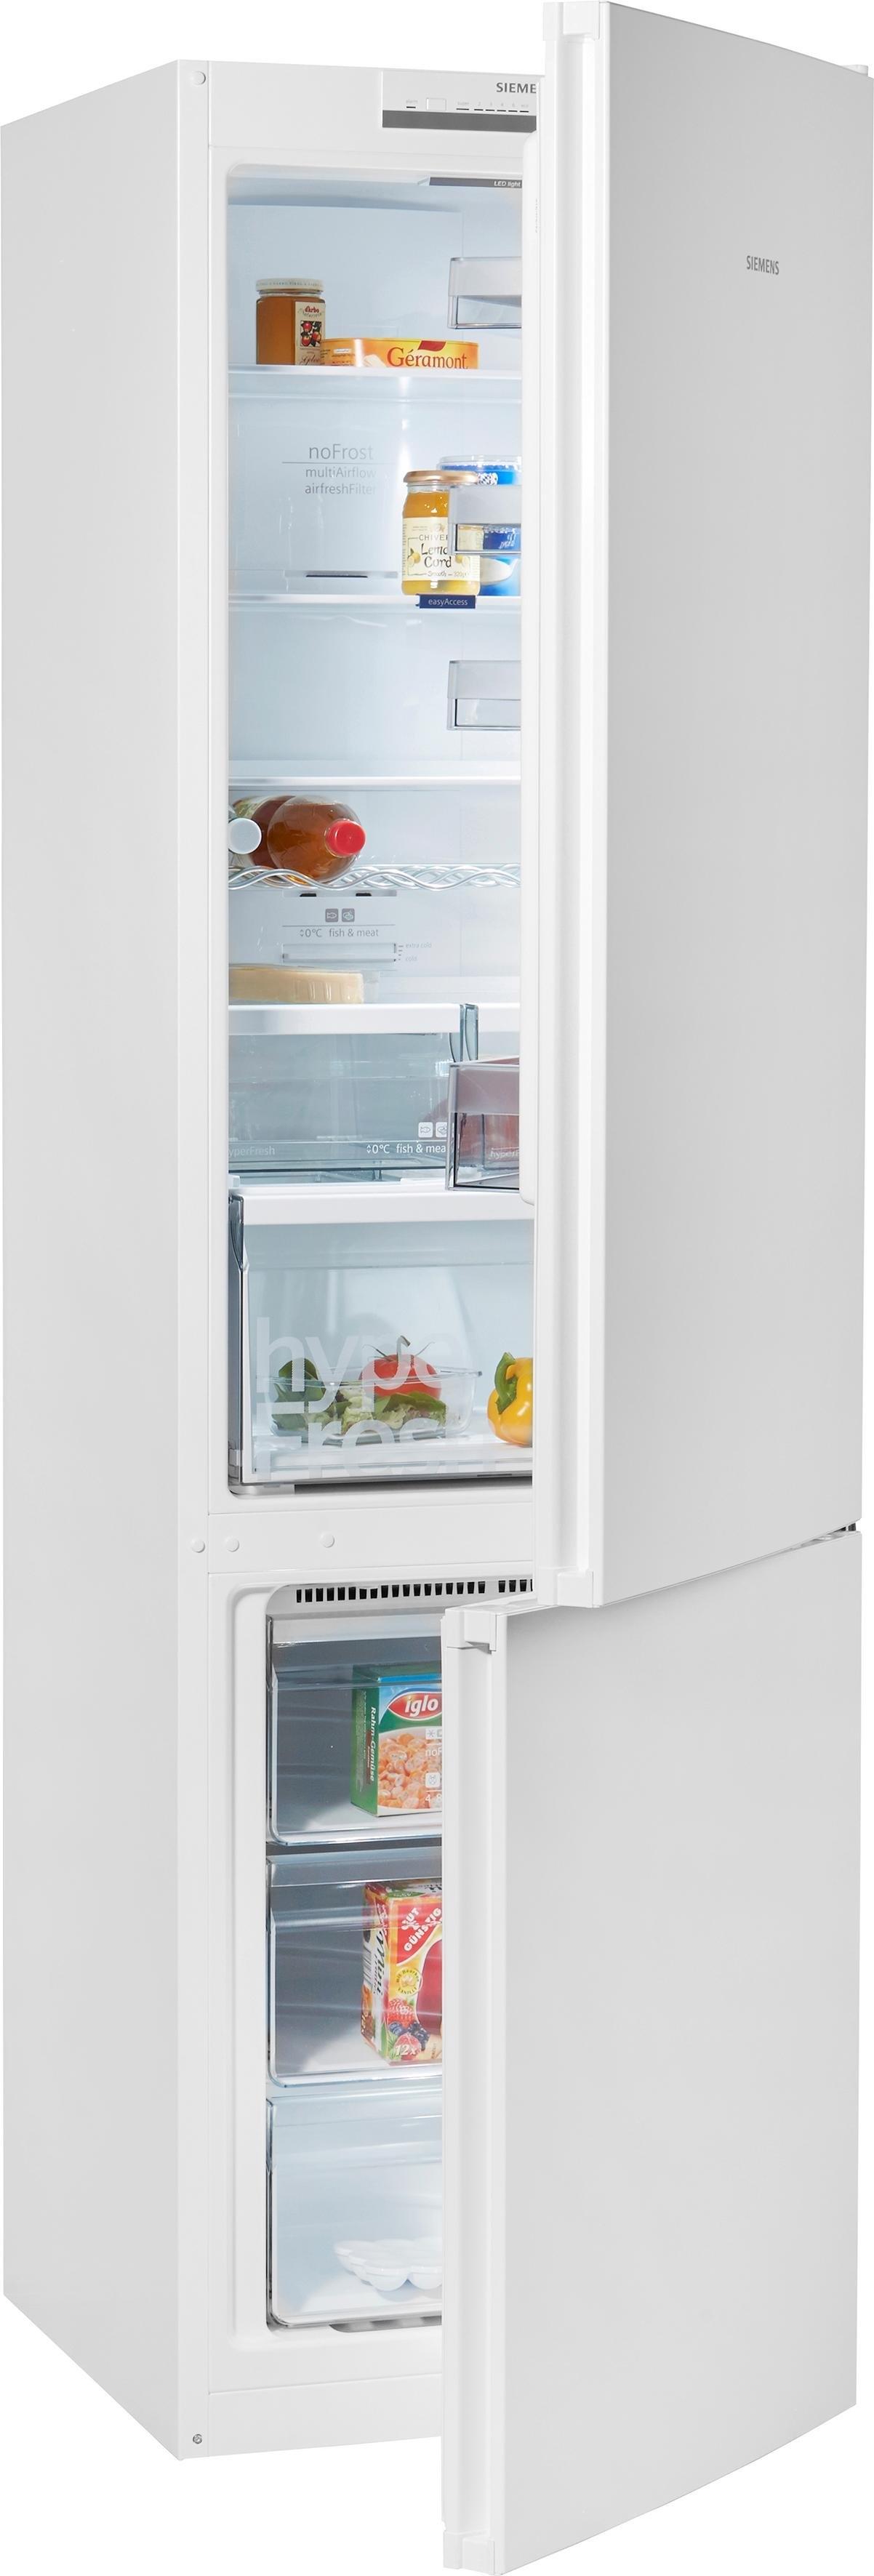 Siemens koel-vriescombinatie KG39NVL35, energieklasse A++, 203 cm hoog, No Frost goedkoop op otto.nl kopen